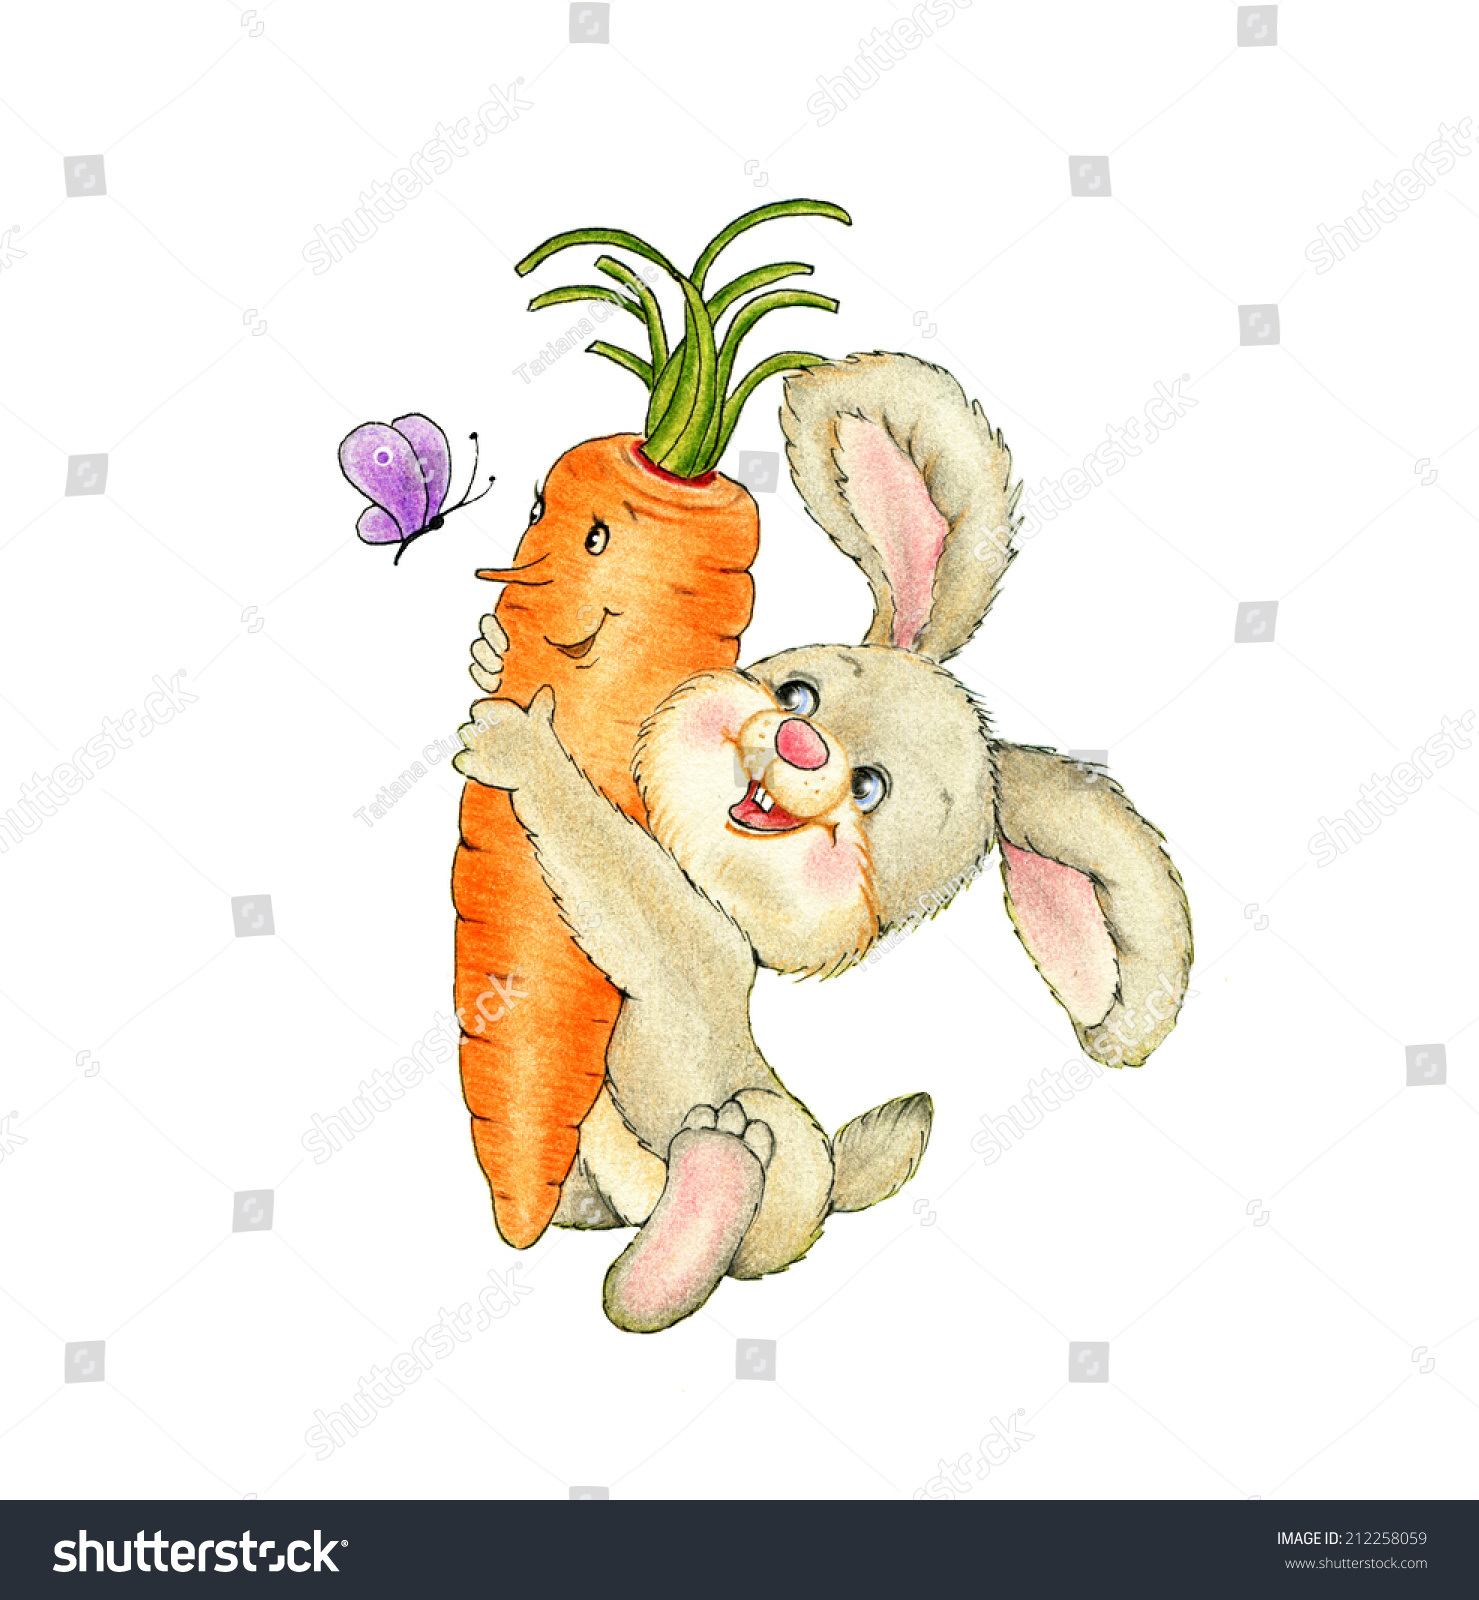 可爱的兔子和胡萝卜-背景/素材